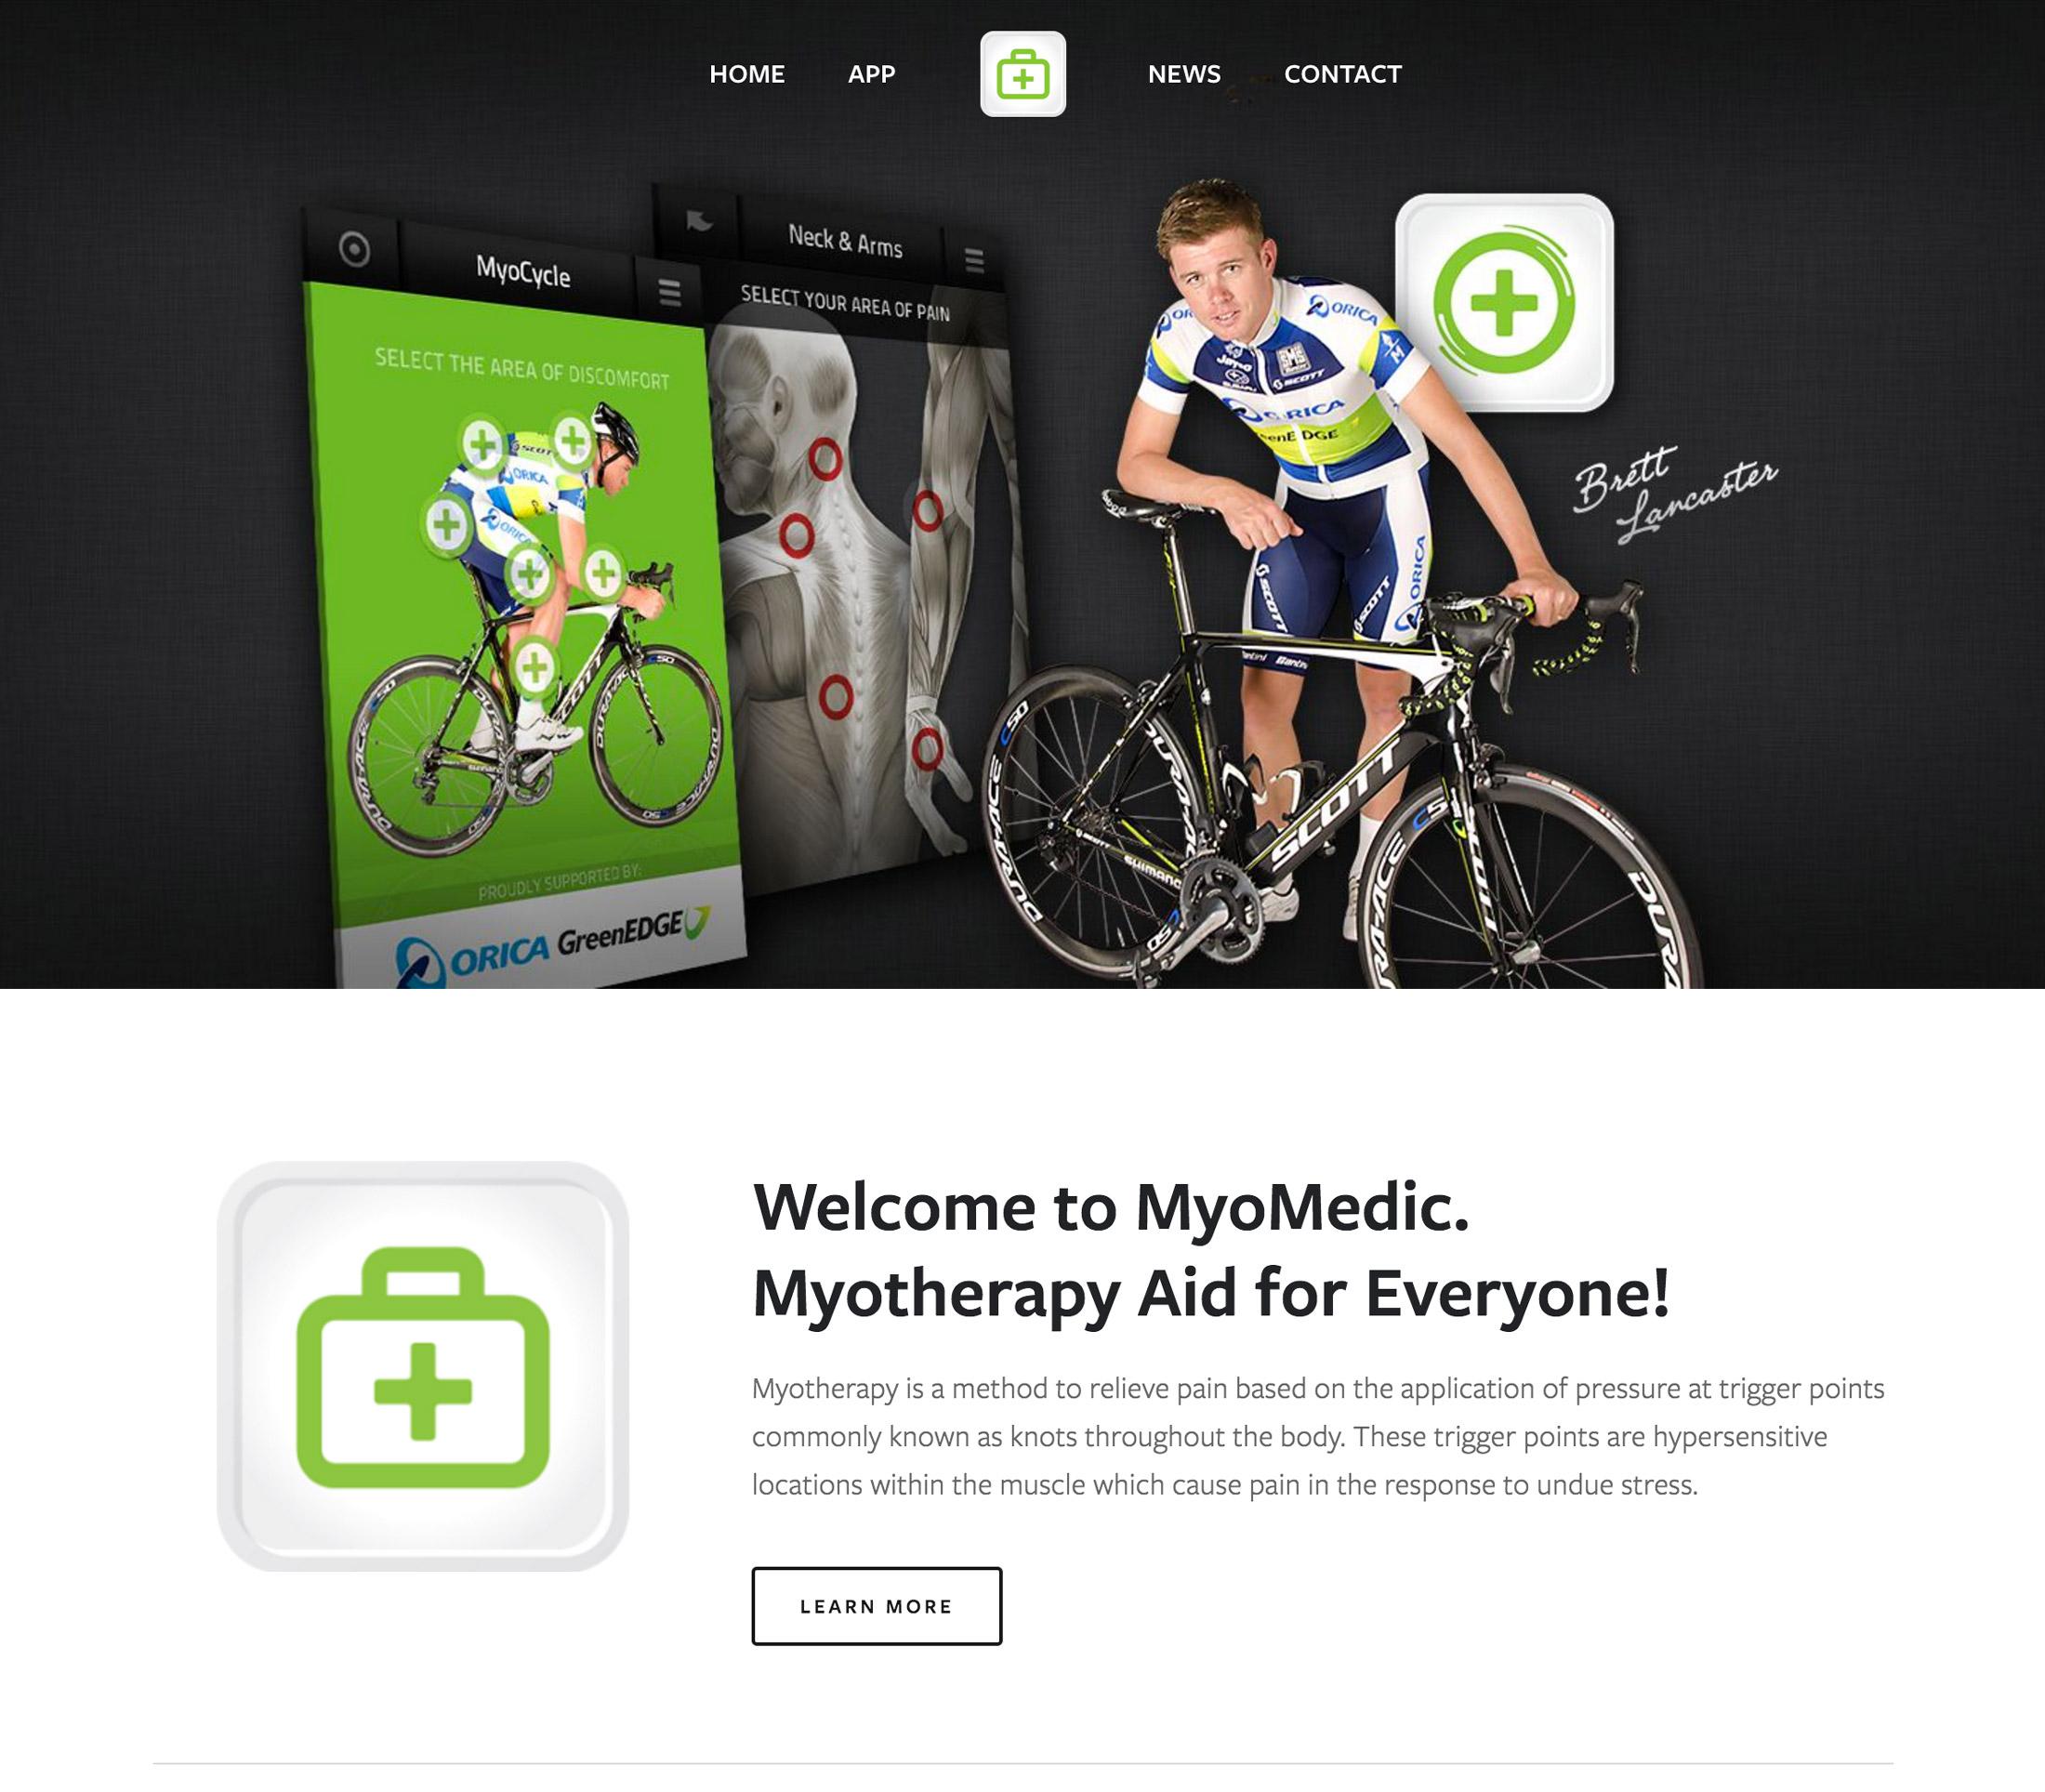 MyoCycle-Website-1.jpg